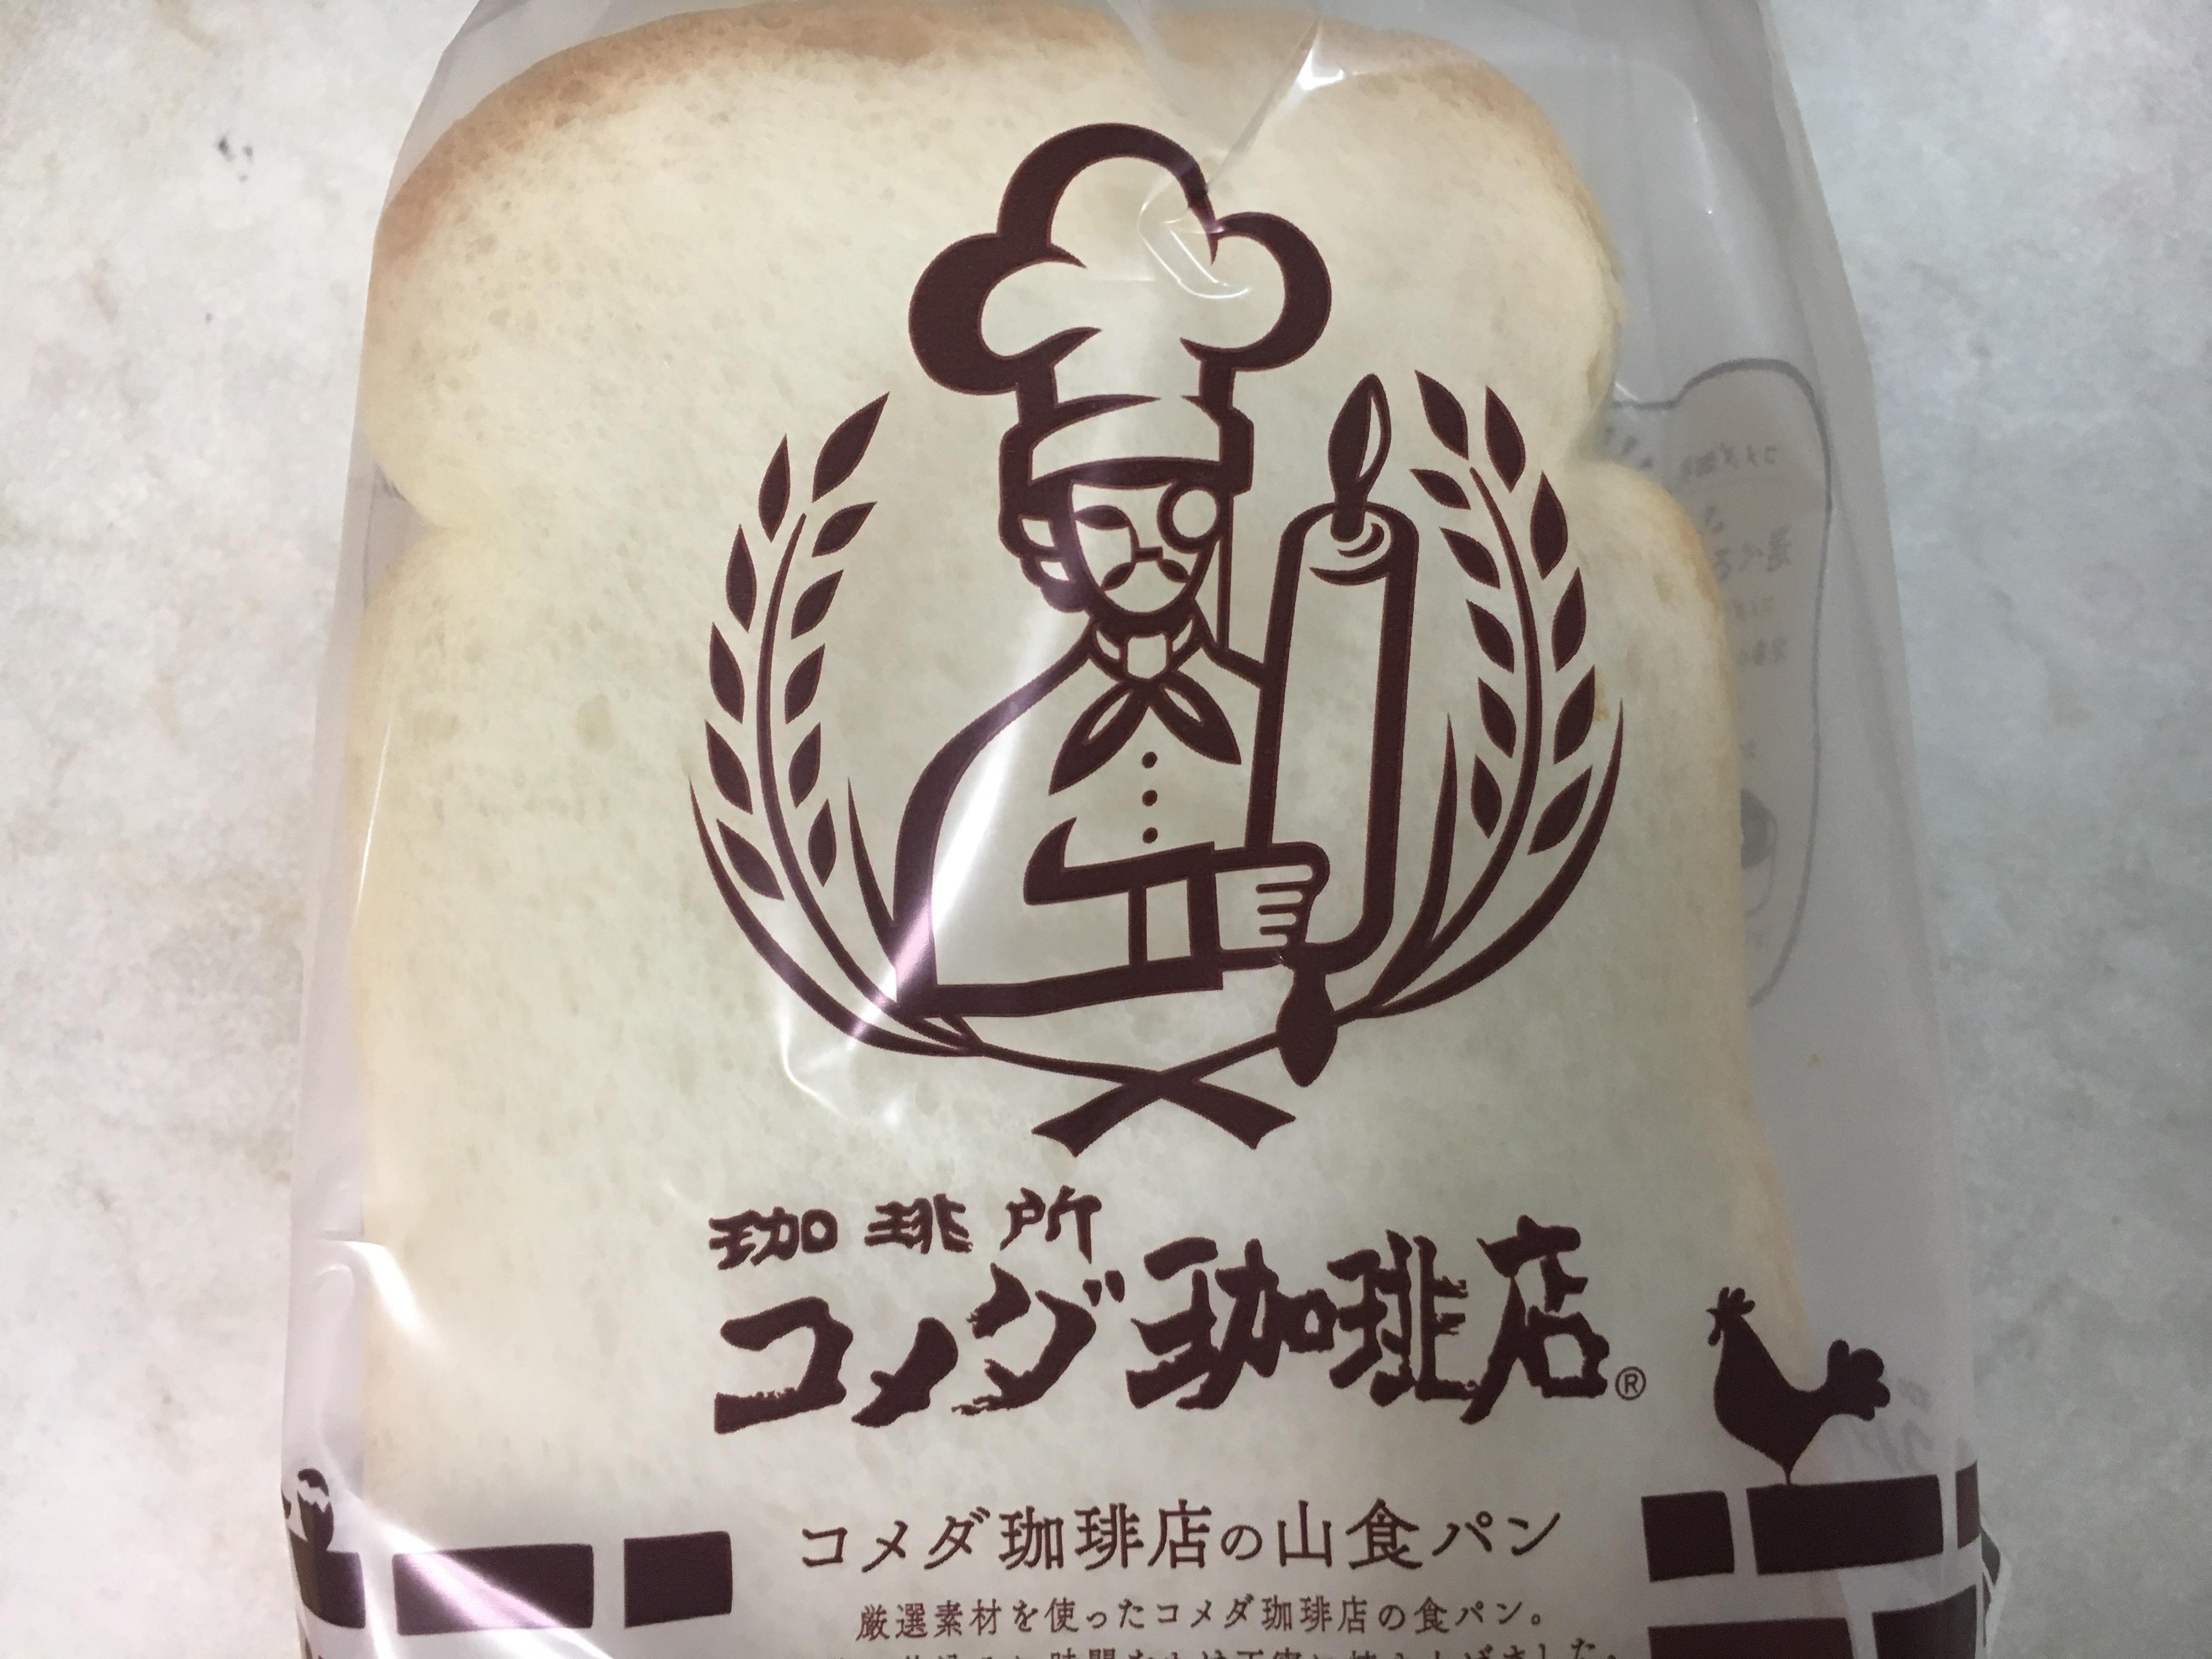 愛知県民の好きなコメダ珈琲。コメダのモーニングで有名な食パンが購入できるお店